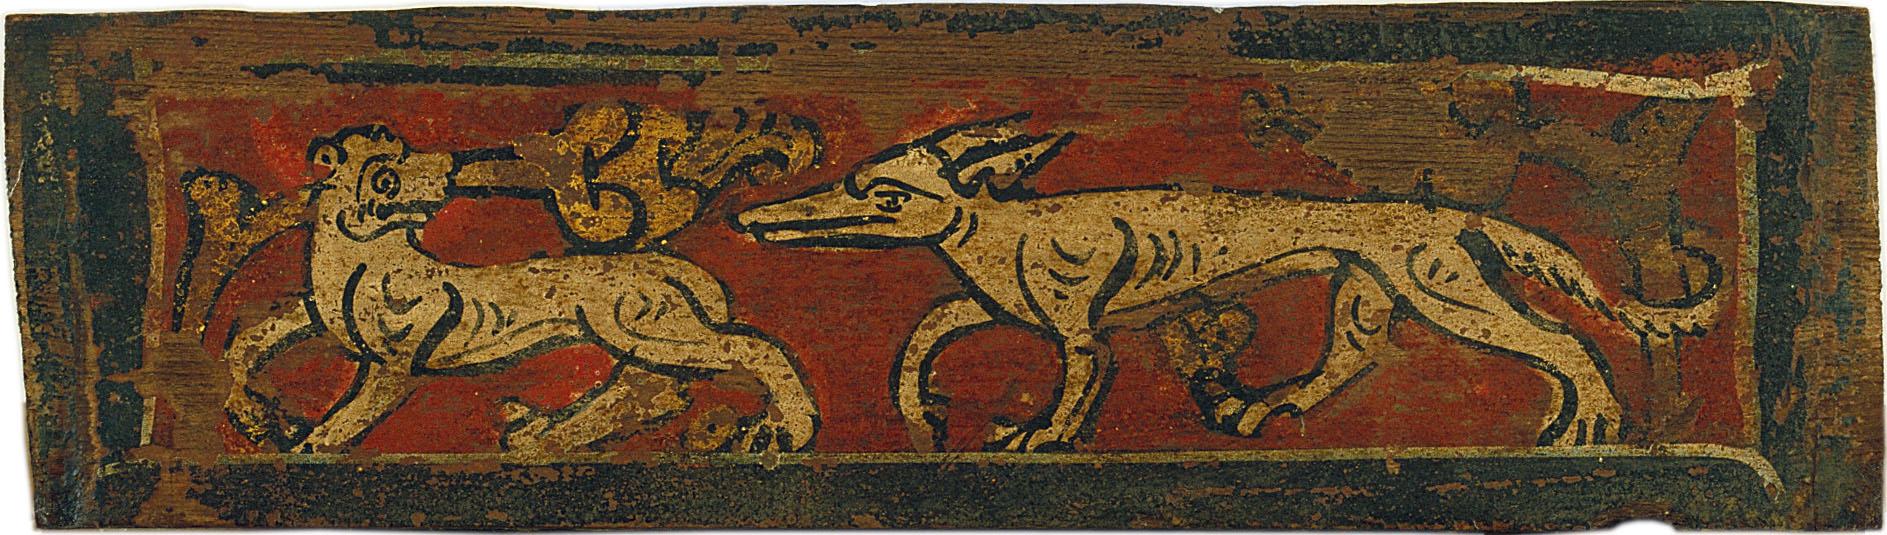 Anònim. Catalunya - Tauleta d'enteixinat amb quadrúpedes i motius vegetals - Finals del segle XIII